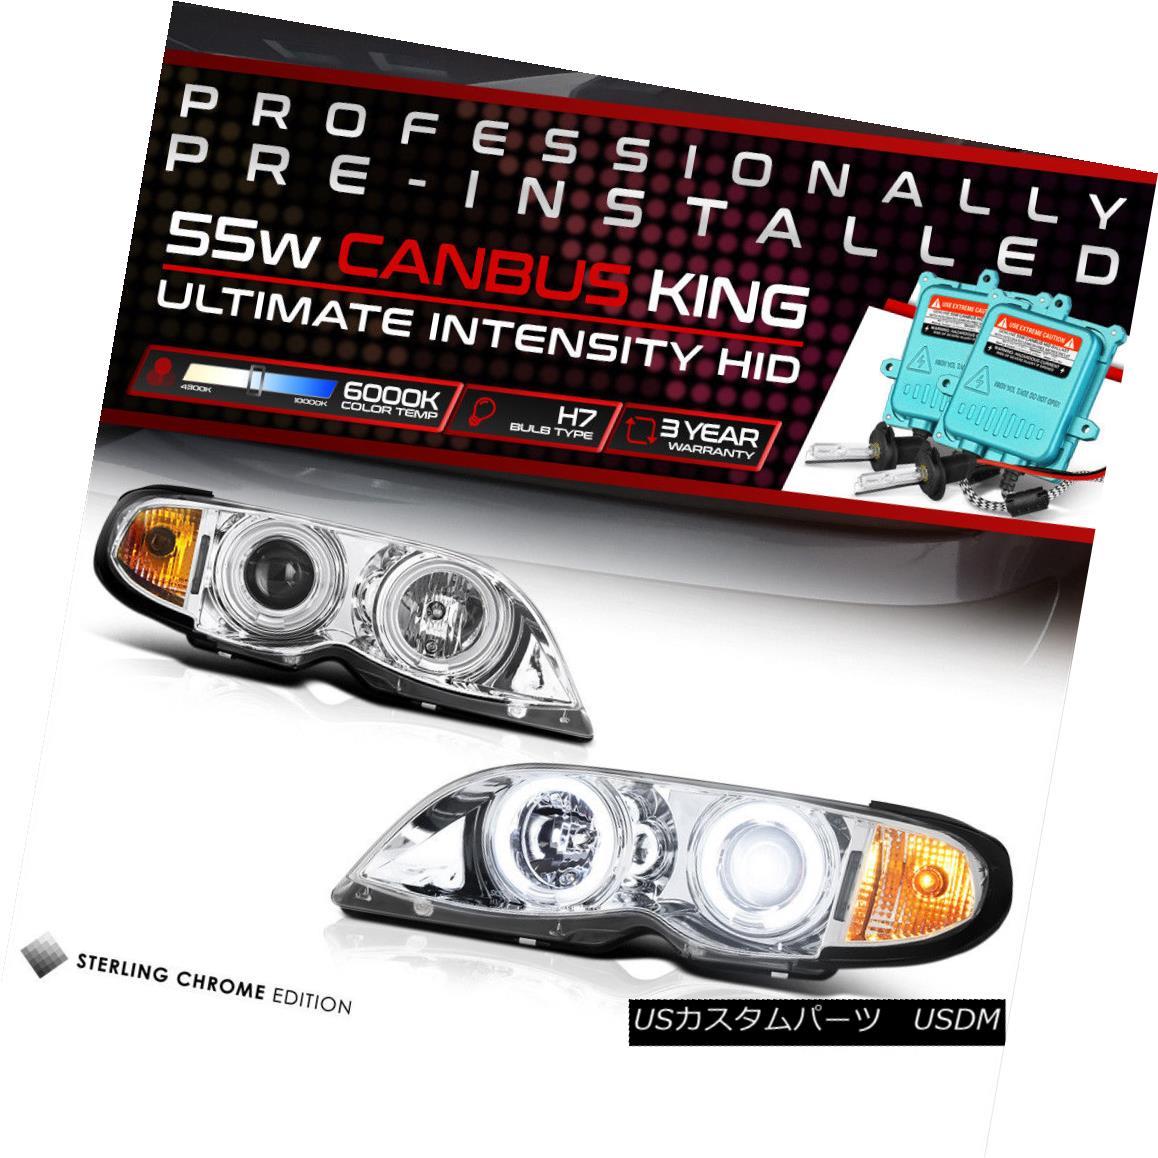 ヘッドライト {Pre-Installed HID Low Beam} 2002-2005 BMW 325i 330i CCFL Halo Headlights Lamps {プリインストールされたHIDロービーム} 2002-2005 BMW 325i 330i CCFL Haloヘッドライトランプ